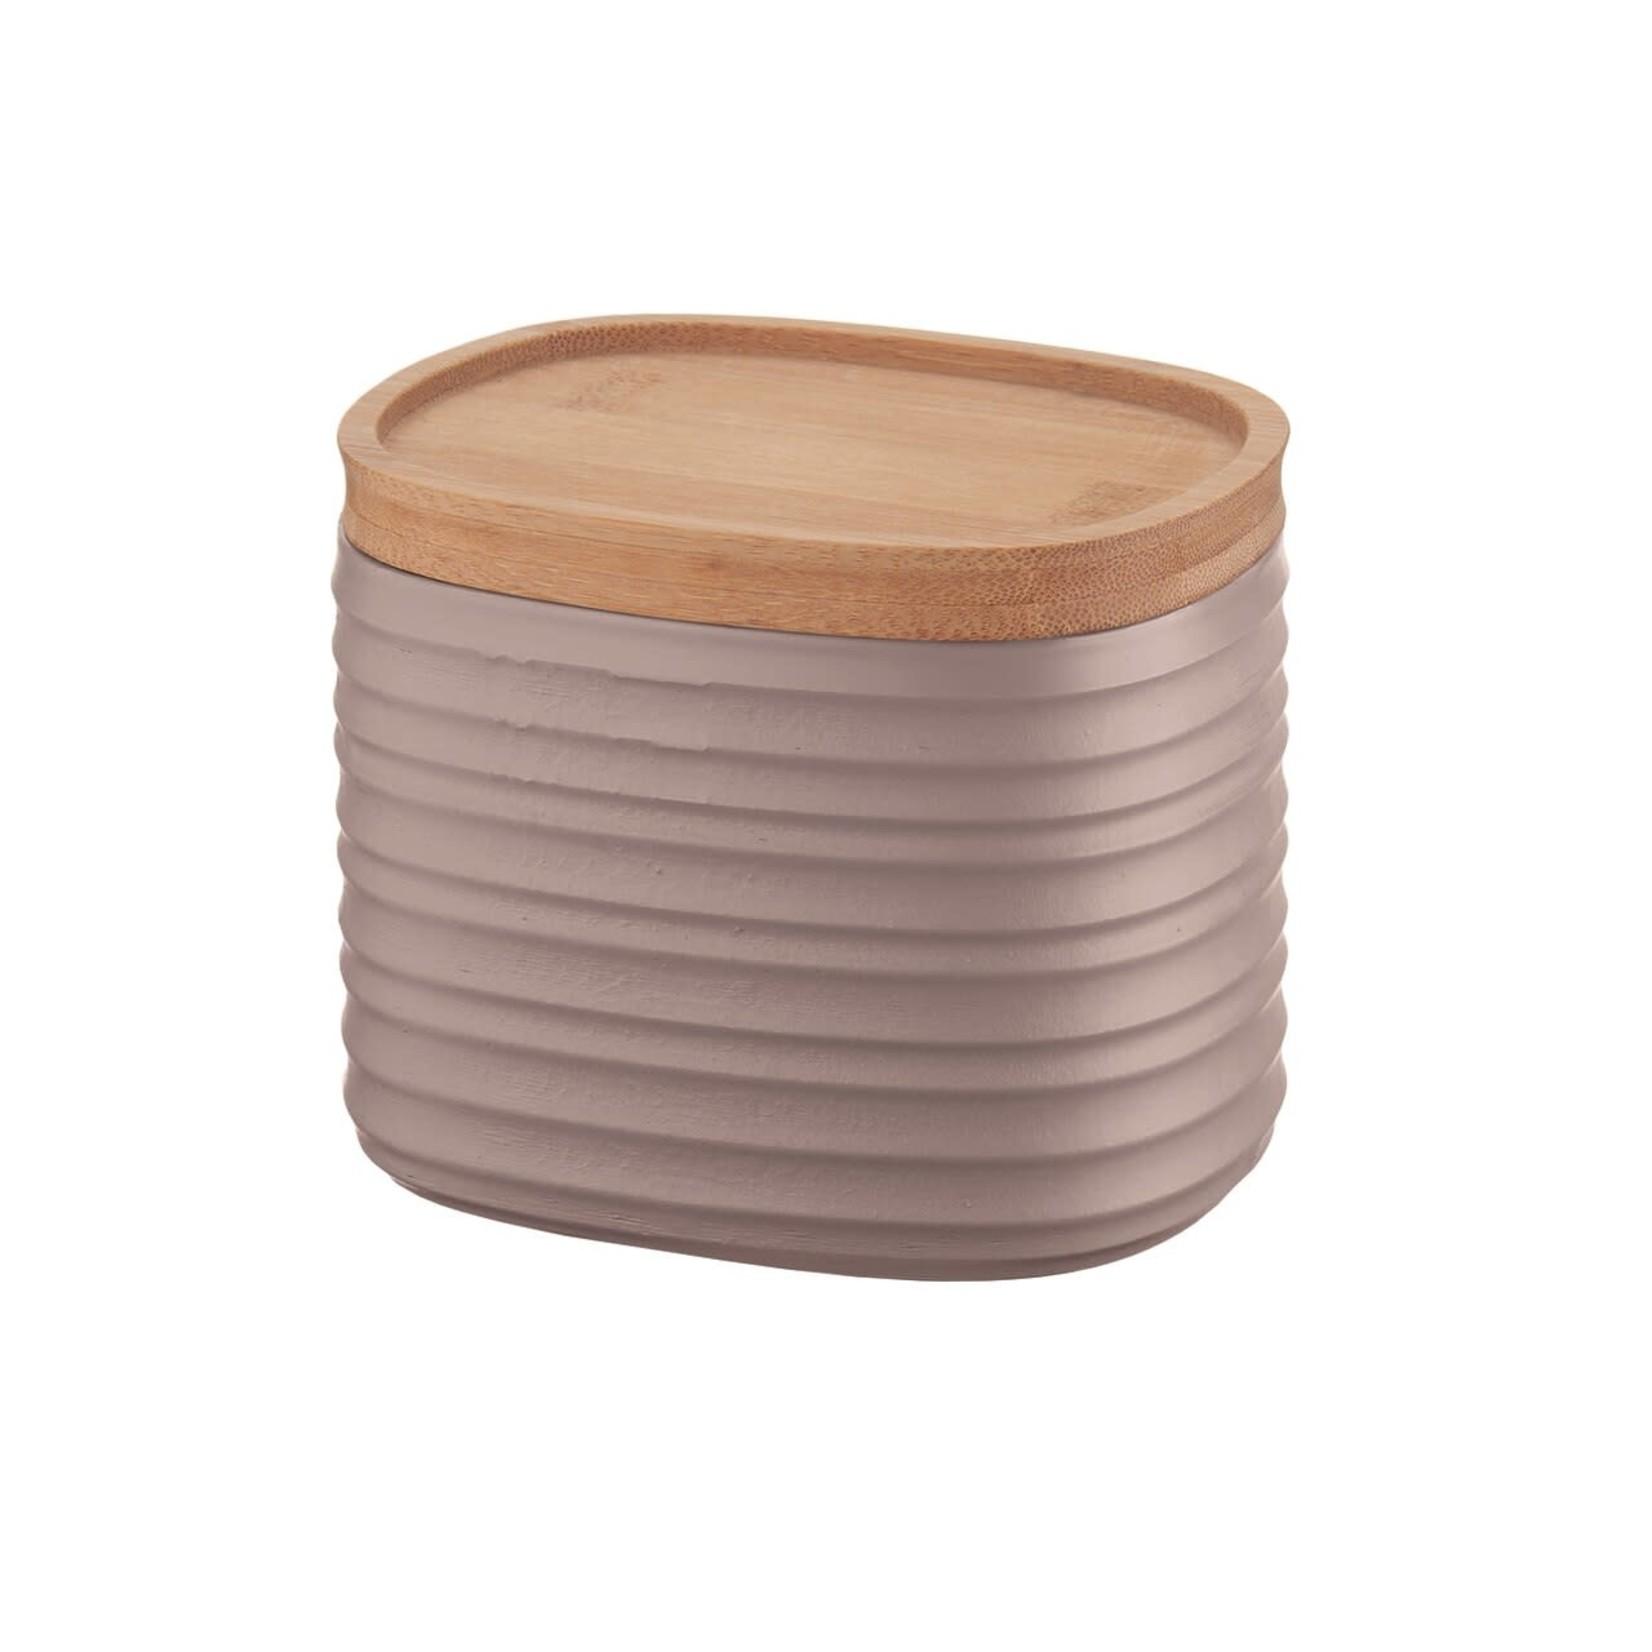 Guzzini Guzzini Storage Jar - Small